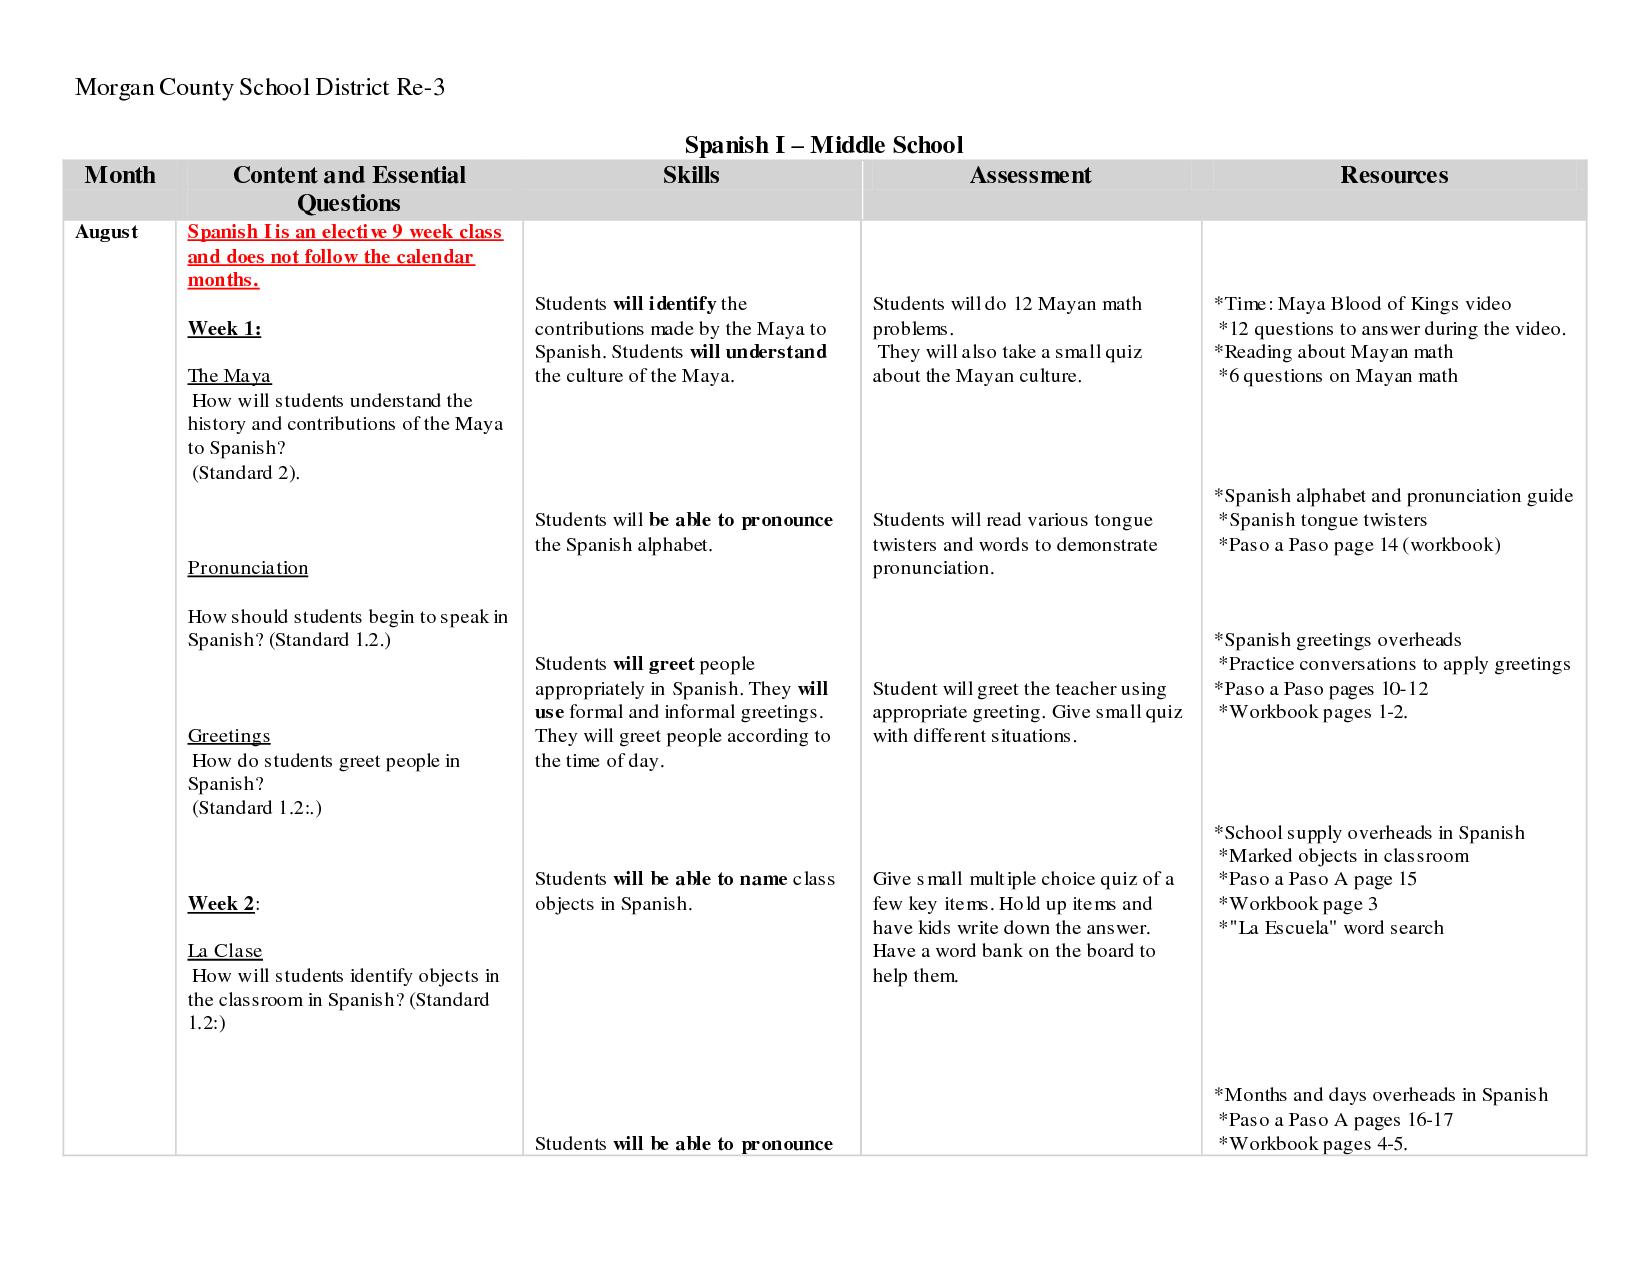 Worksheet : Learn Spanish Worksheets Learning Kindergart - Free Printable Spanish Books